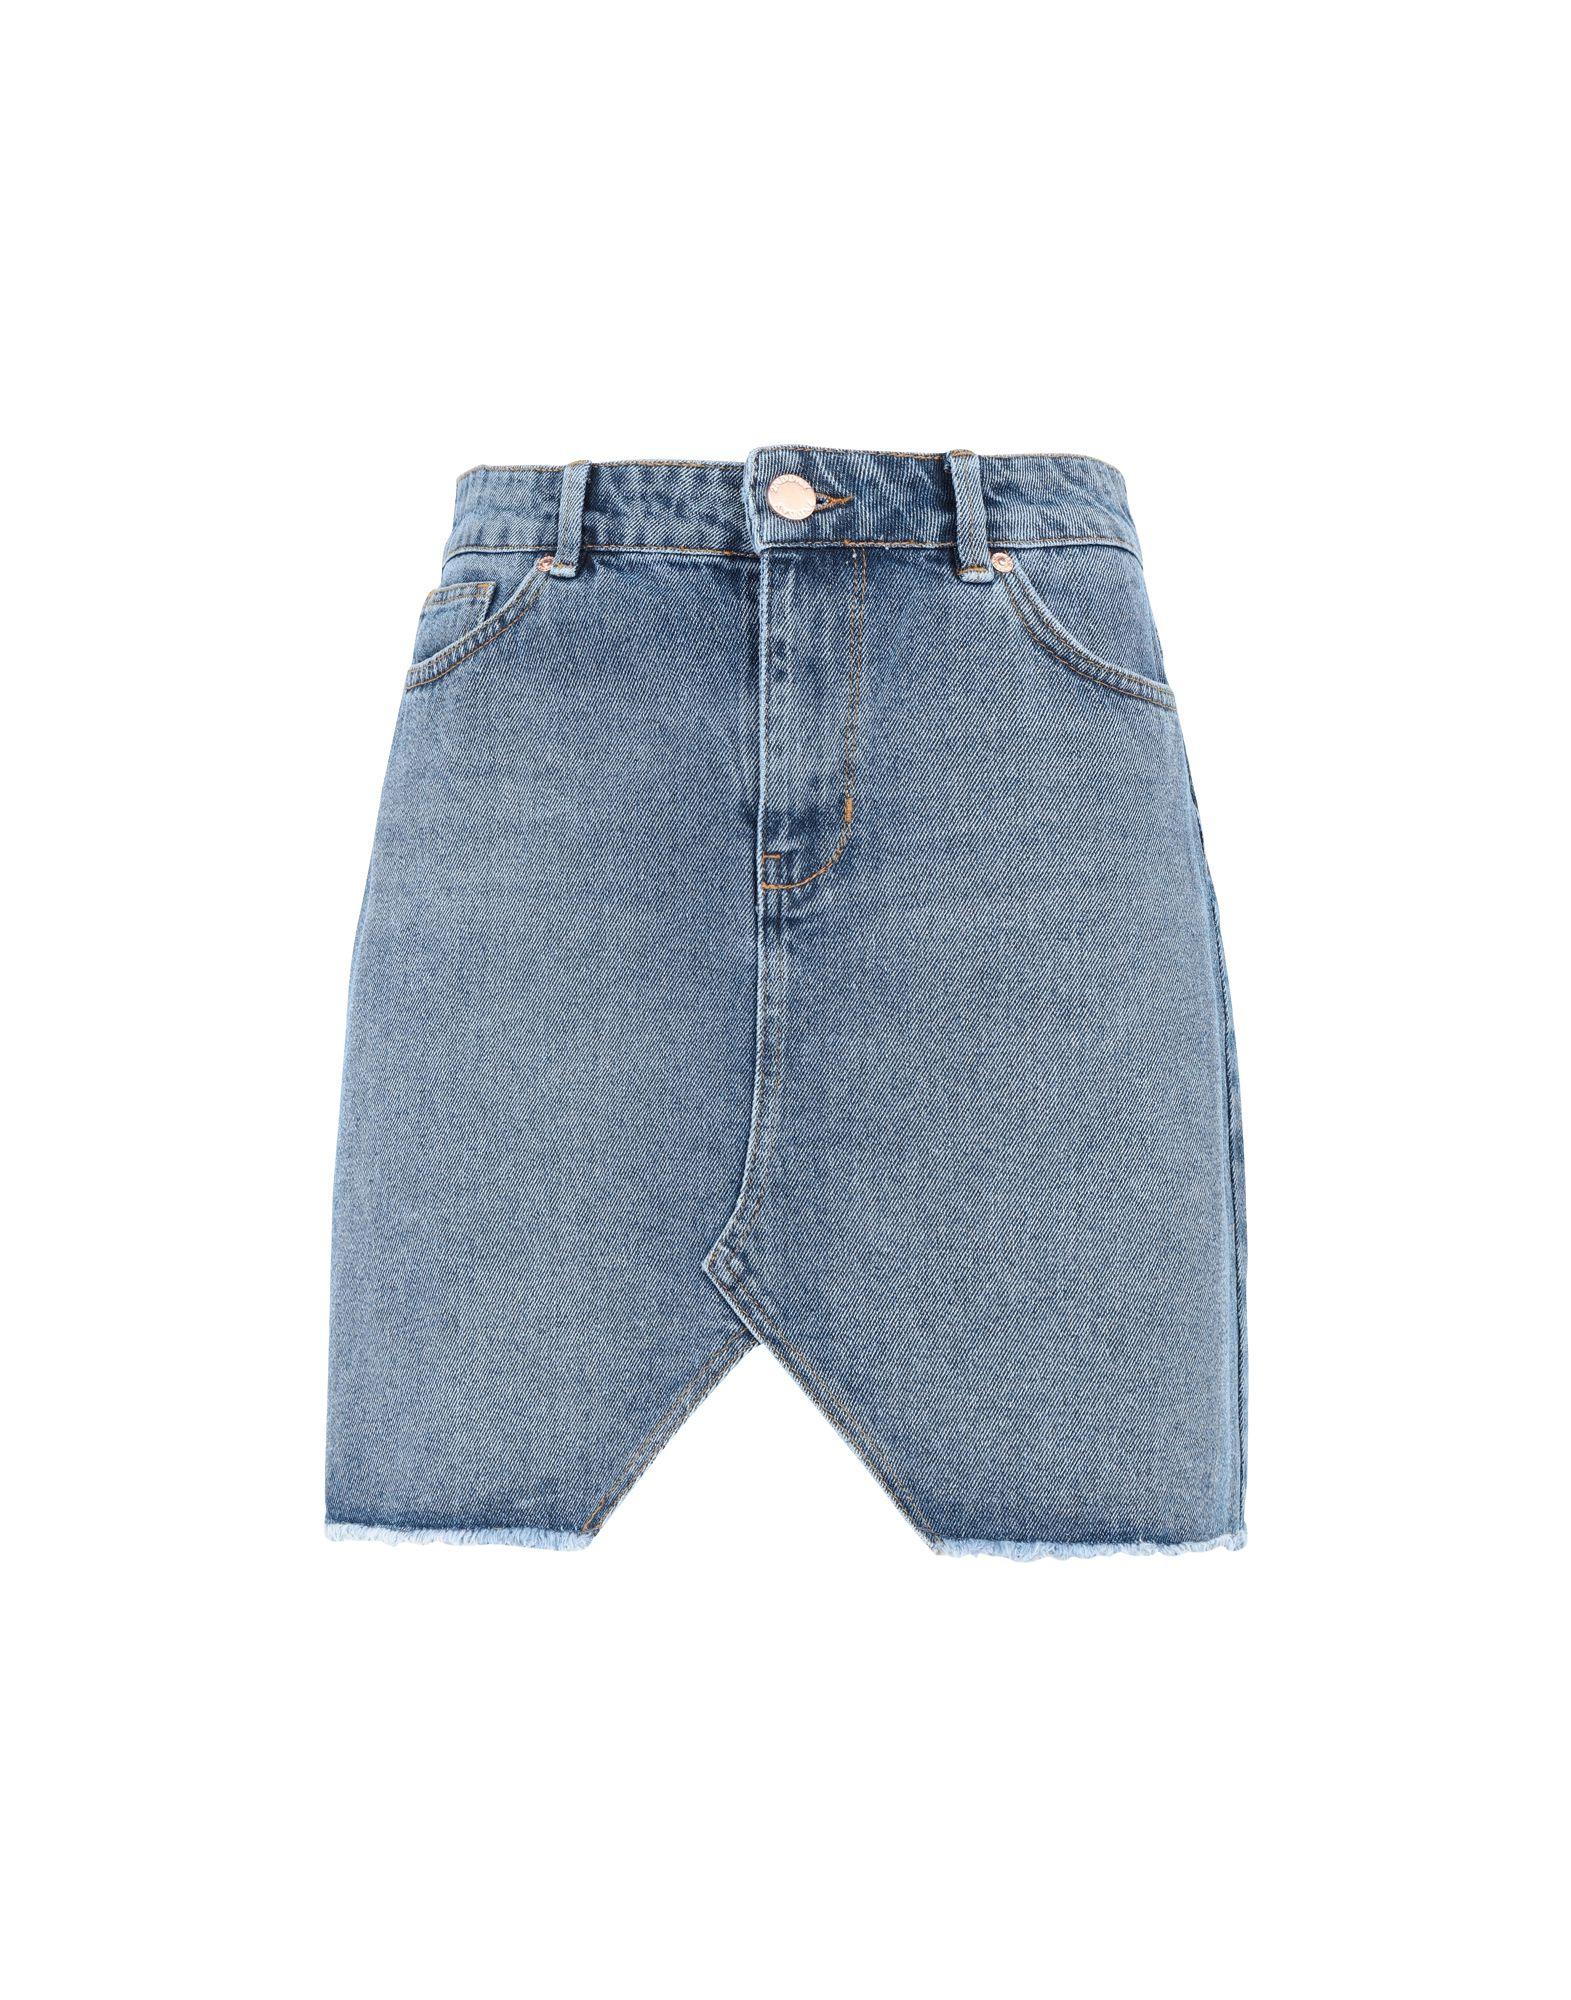 2ND DAY Джинсовая юбка